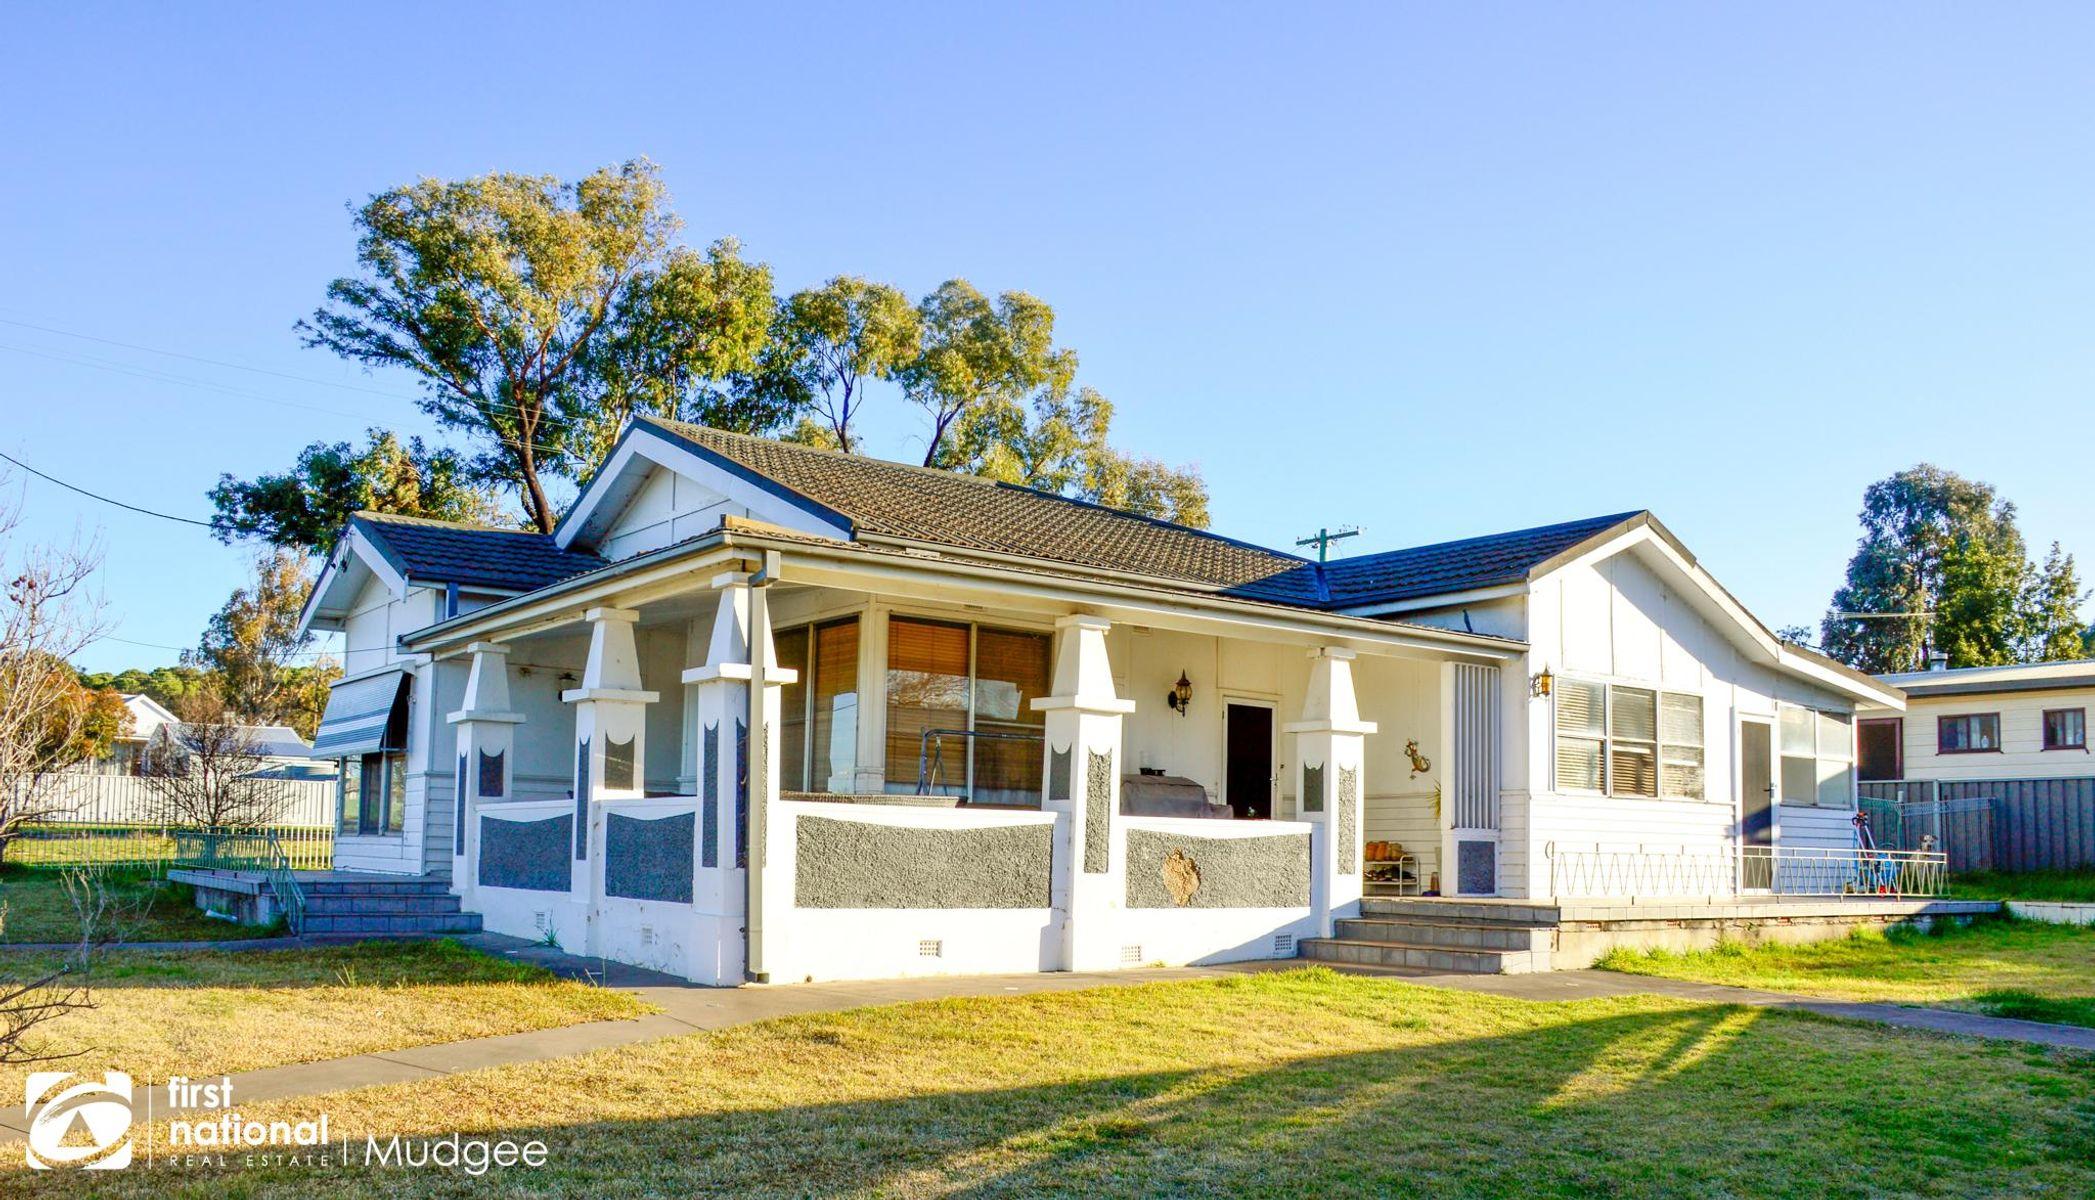 74 Inglis Street, Mudgee, NSW 2850